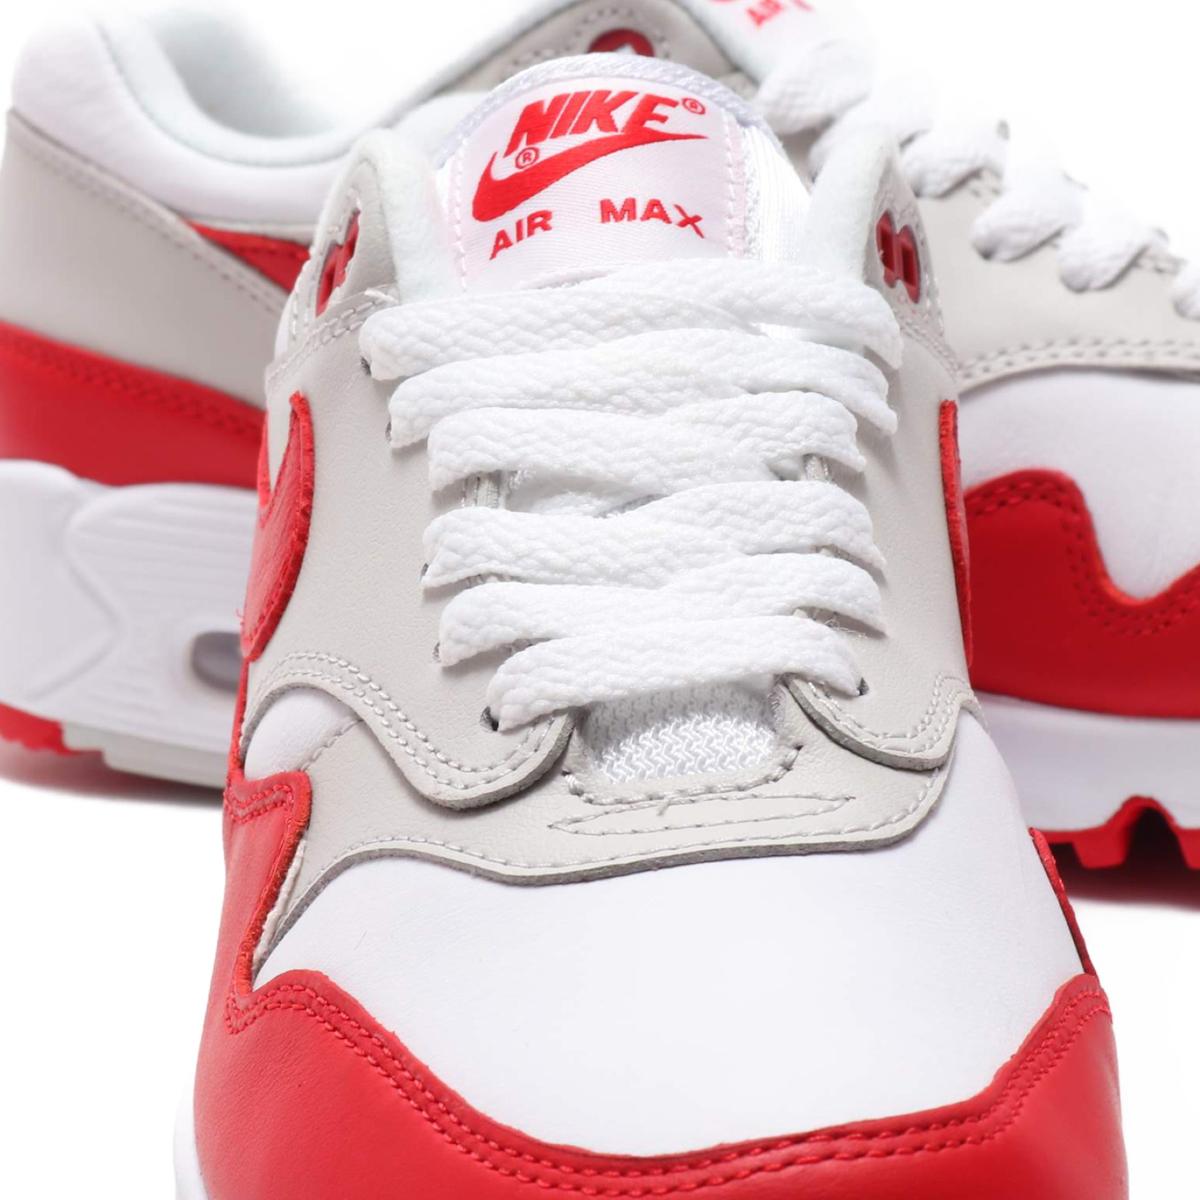 official photos 9530d 01b0d NIKE W AIR MAX 90 1 (Nike women Air Max 90 1) WHITE UNIVERSITY RED-NEUTRAL  GREY-BLACK 18FA-S